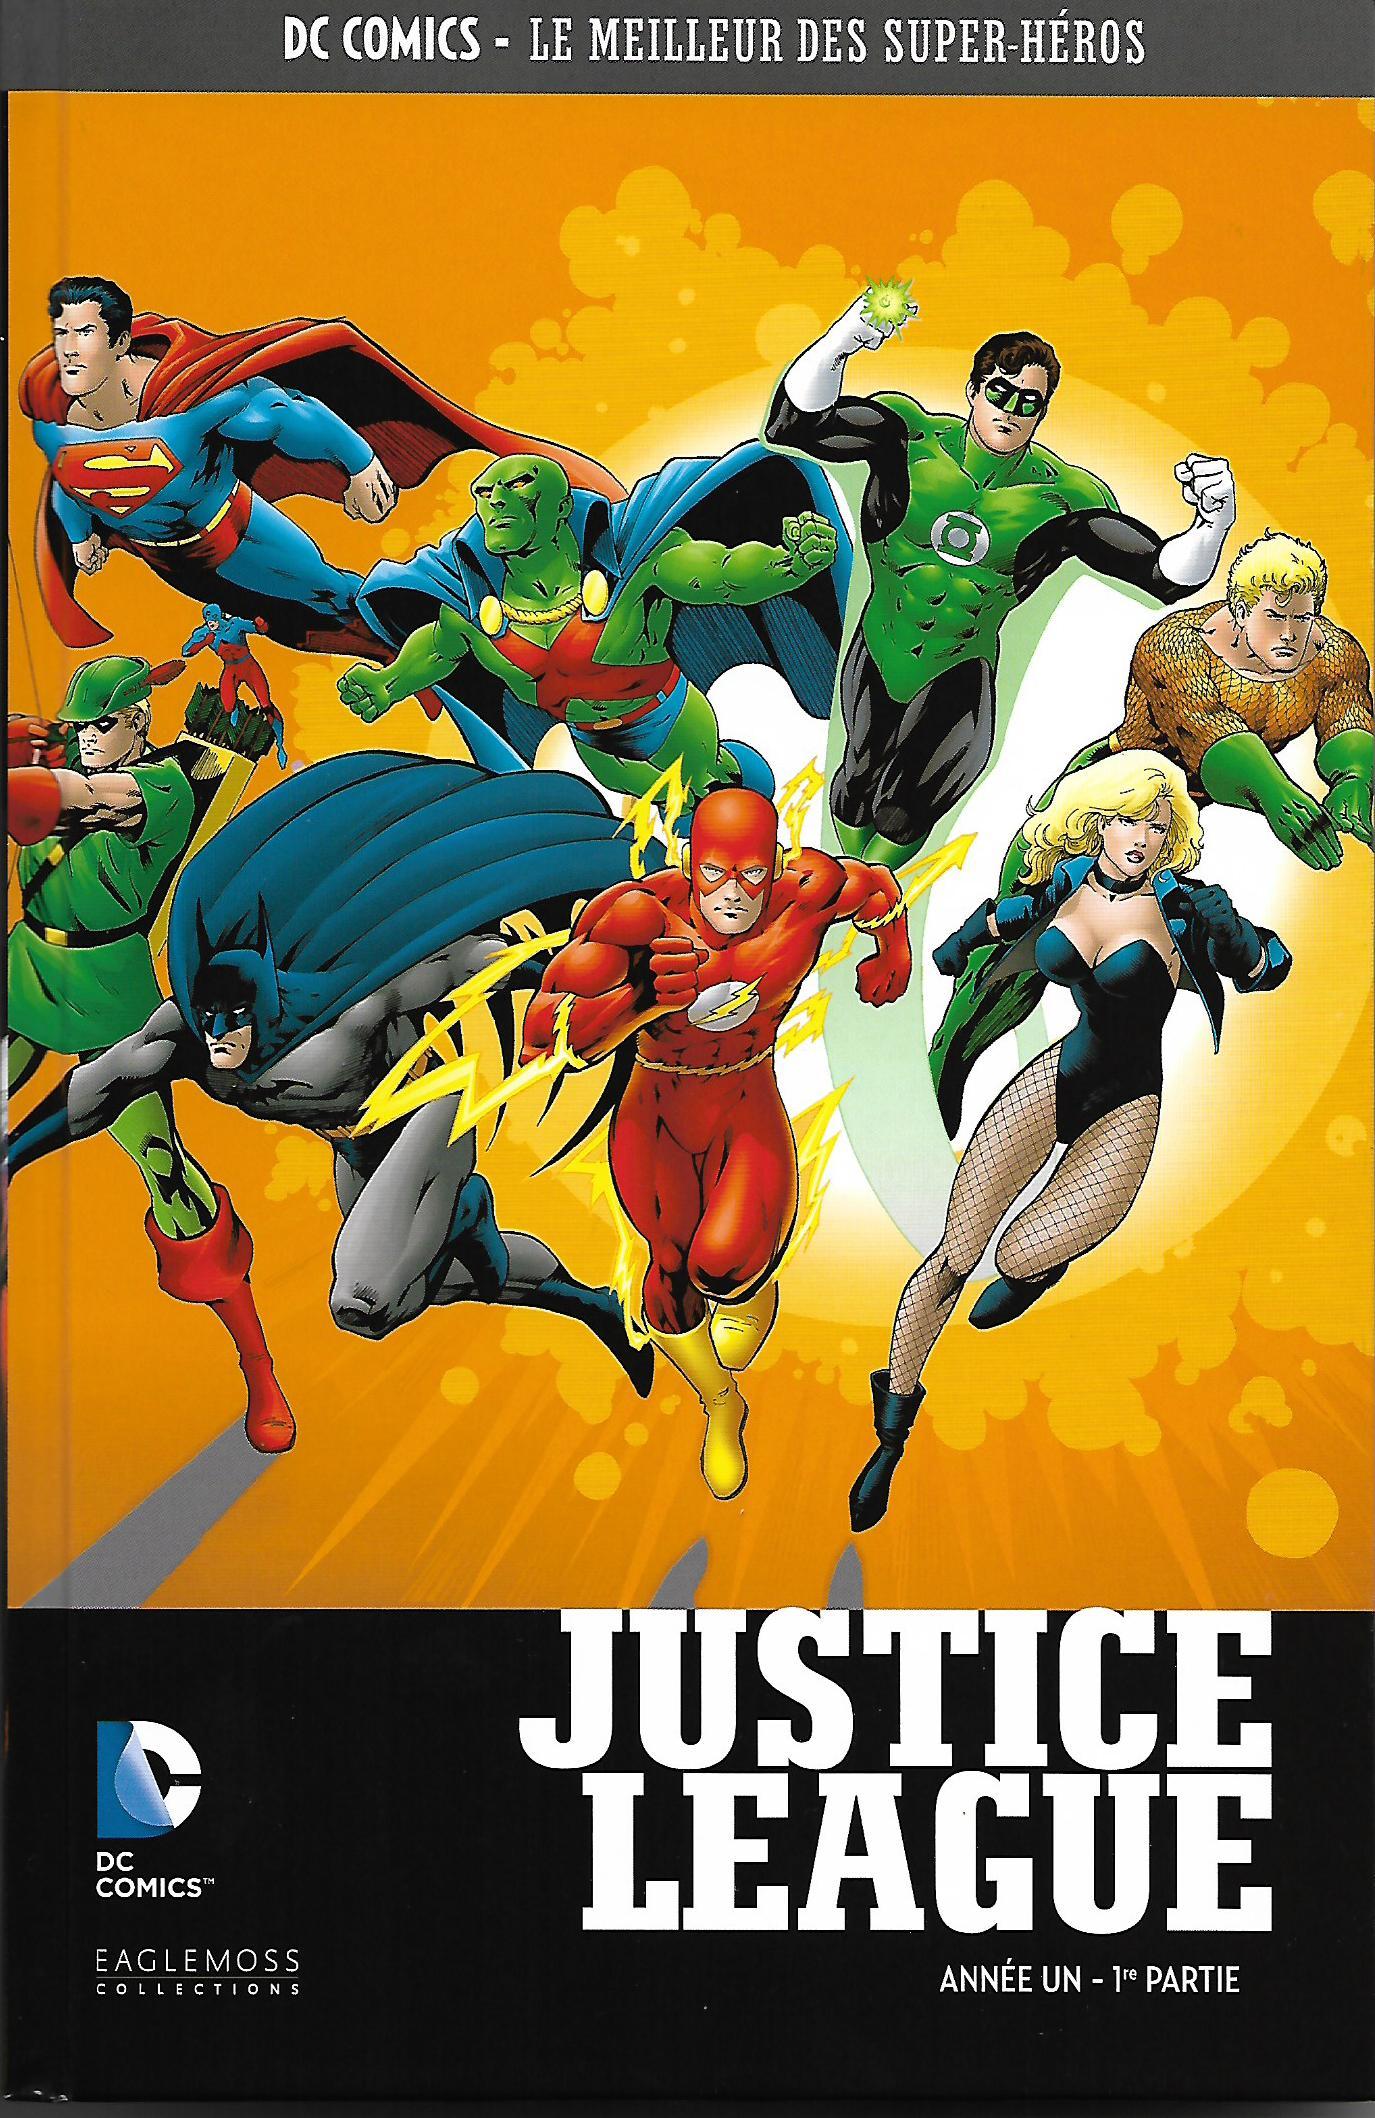 DC Comics - Le Meilleur des Super-Héros 18 - Justice League Year One 01